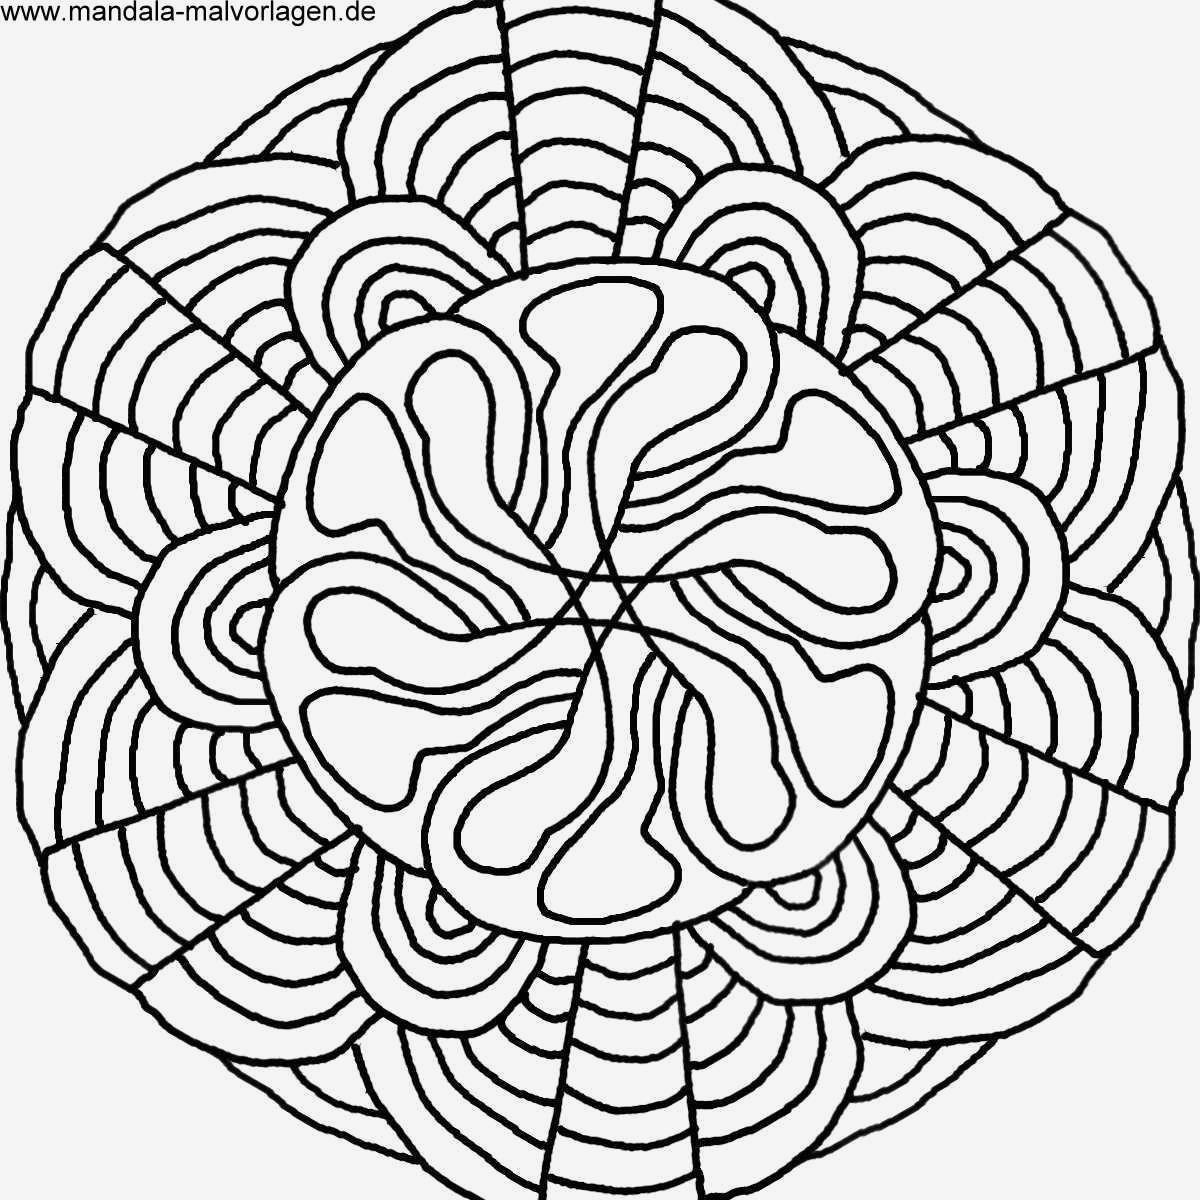 Mandalas Zum Ausdrucken Herzen Inspirierend Ausmalbilder Mandala Kostenlos Eule Bildergalerie & Bilder Zum Das Bild